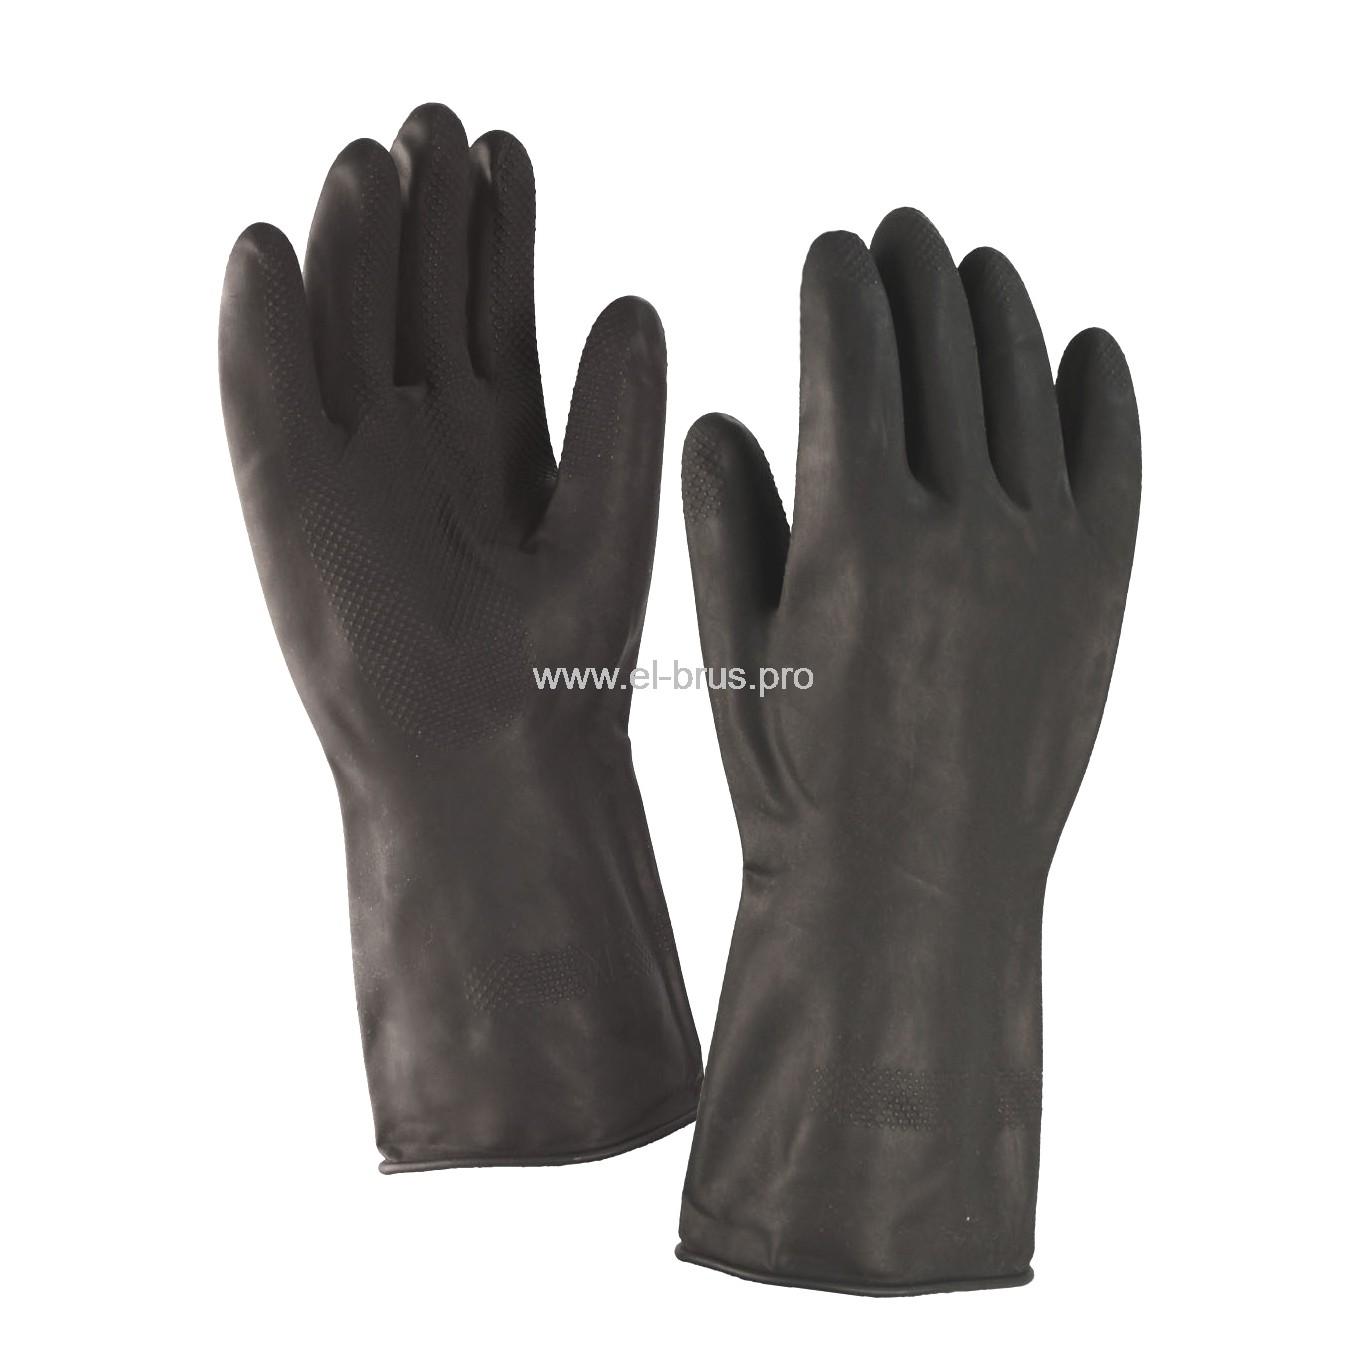 Перчатки латекс. кислотно-щелочные КЩС, тип 2, размер №10